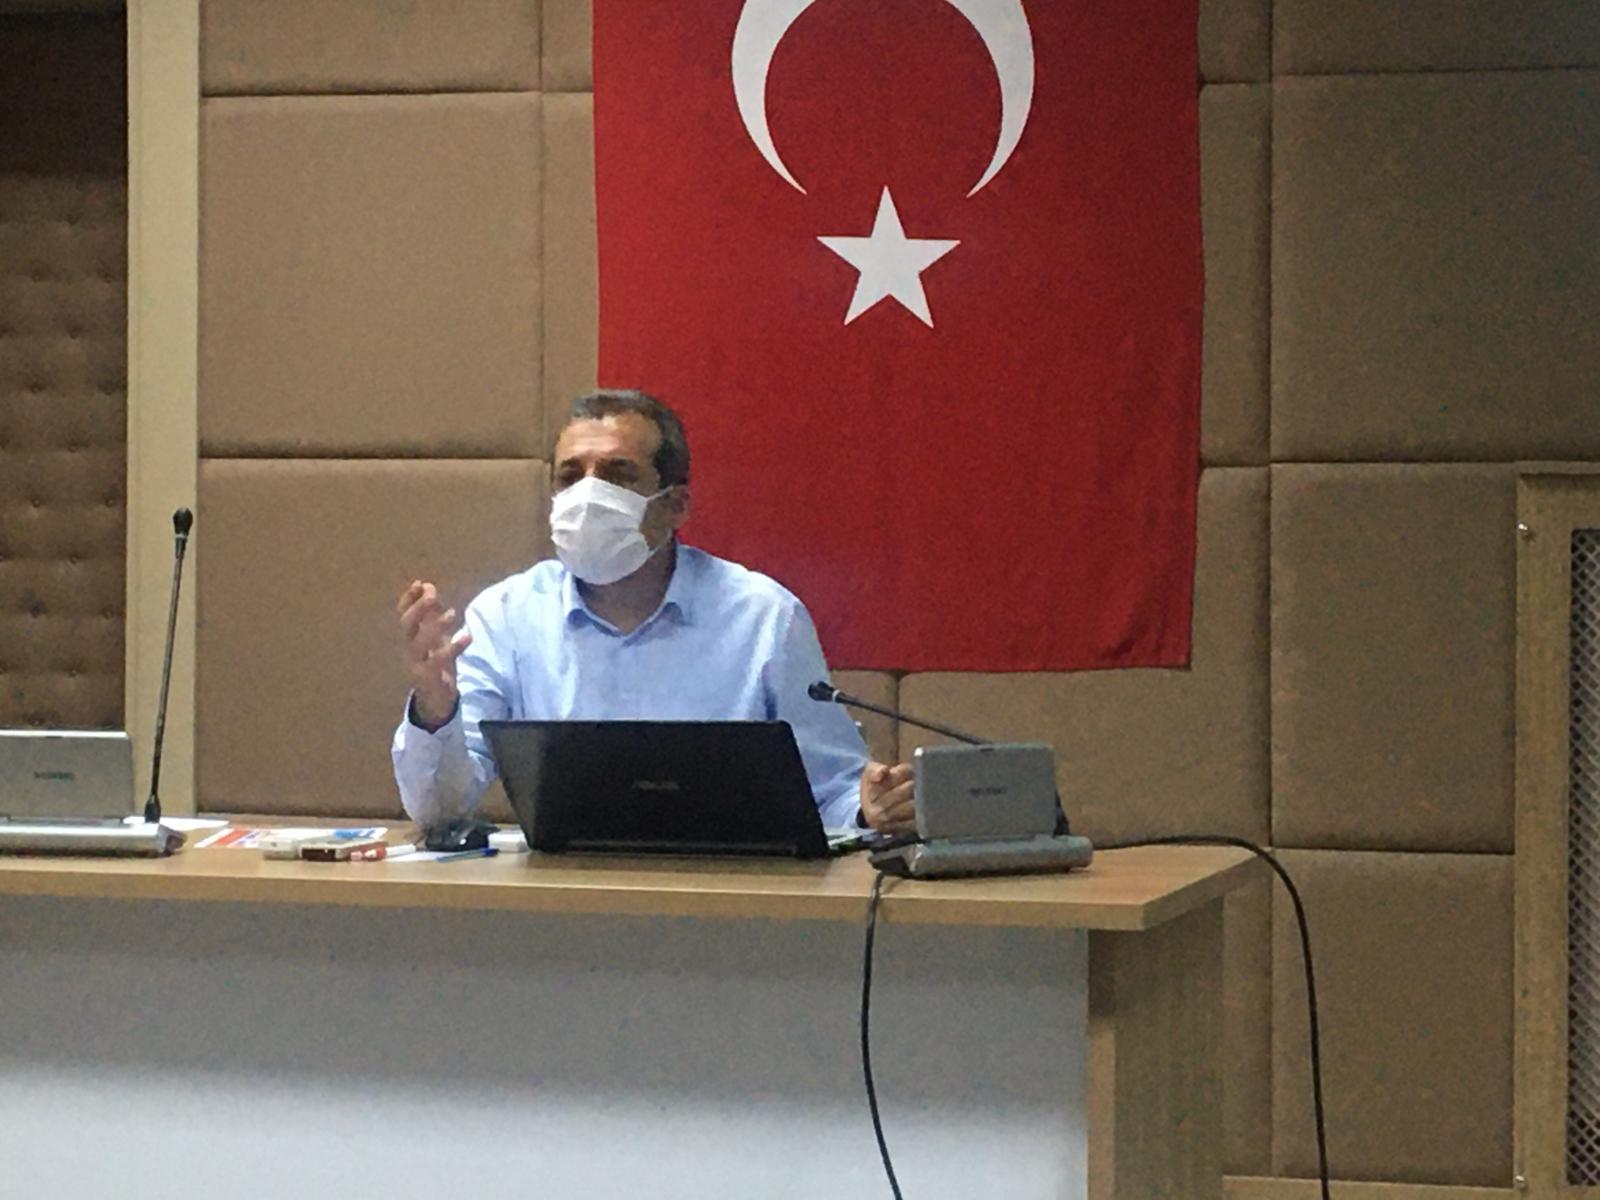 İl Sağlık Müdürümüz Prof. Dr. Cahit Polat Başkanlığında Pandemi Süreci Konulu Toplantı Düzenlendi